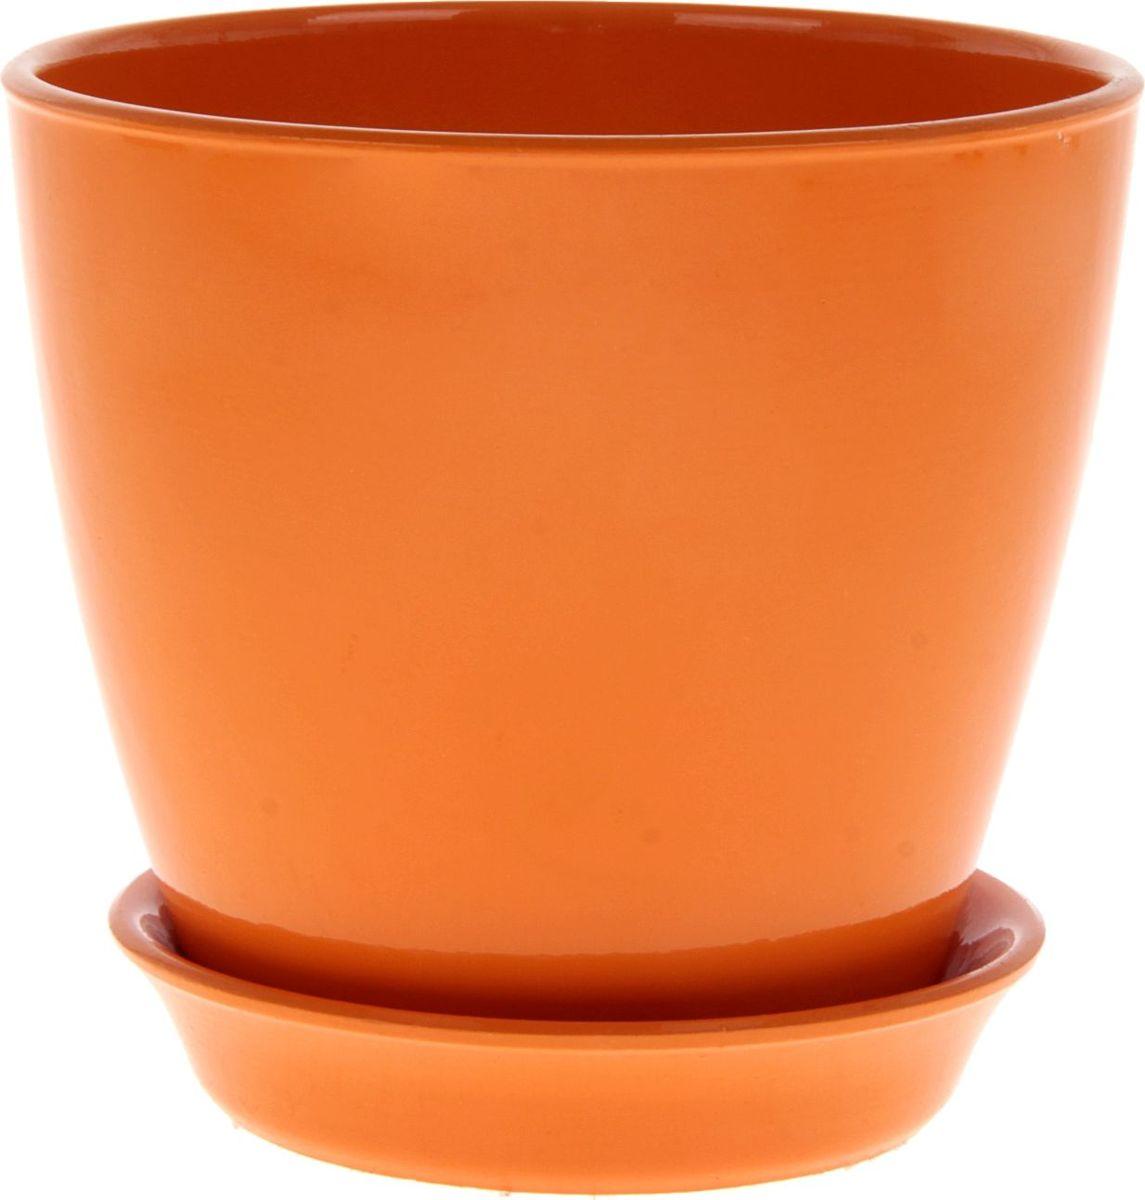 Кашпо Керамика ручной работы Виктория, цвет: оранжевый, 2 л825121